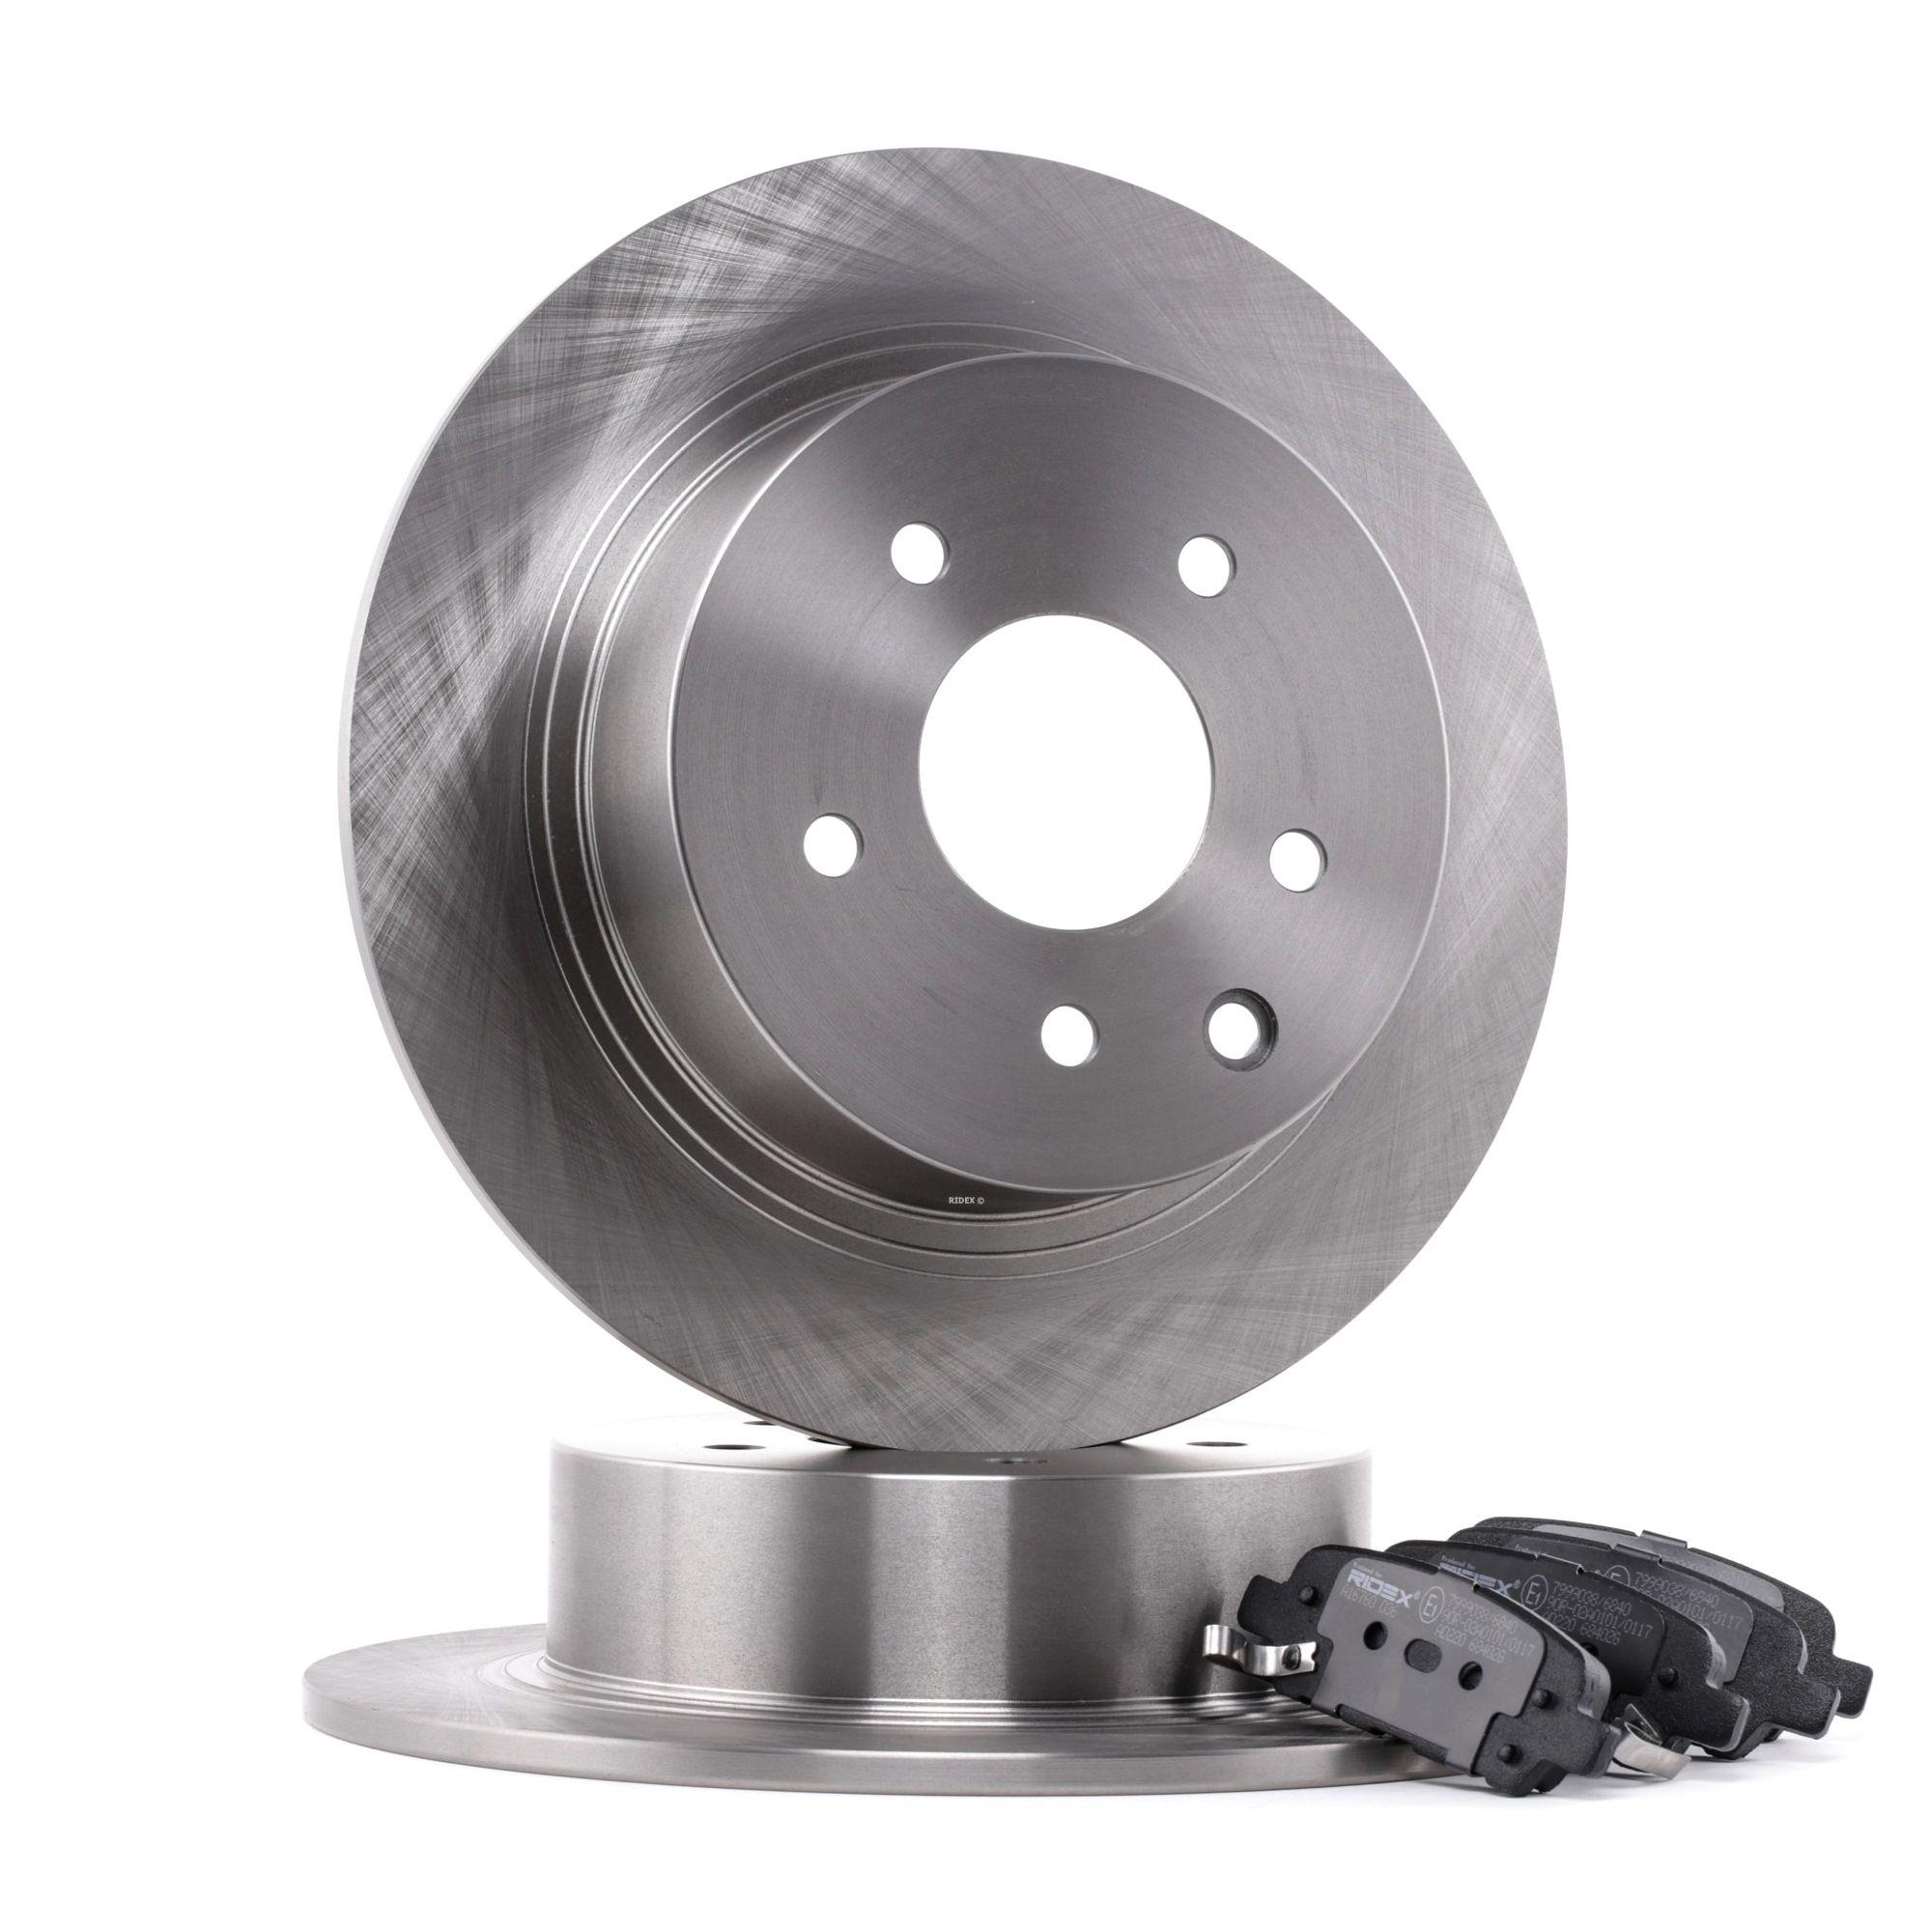 RIDEX: Original Bremsscheiben und Beläge 3405B0280 (Bremsscheibendicke: 14,3, 9mm)